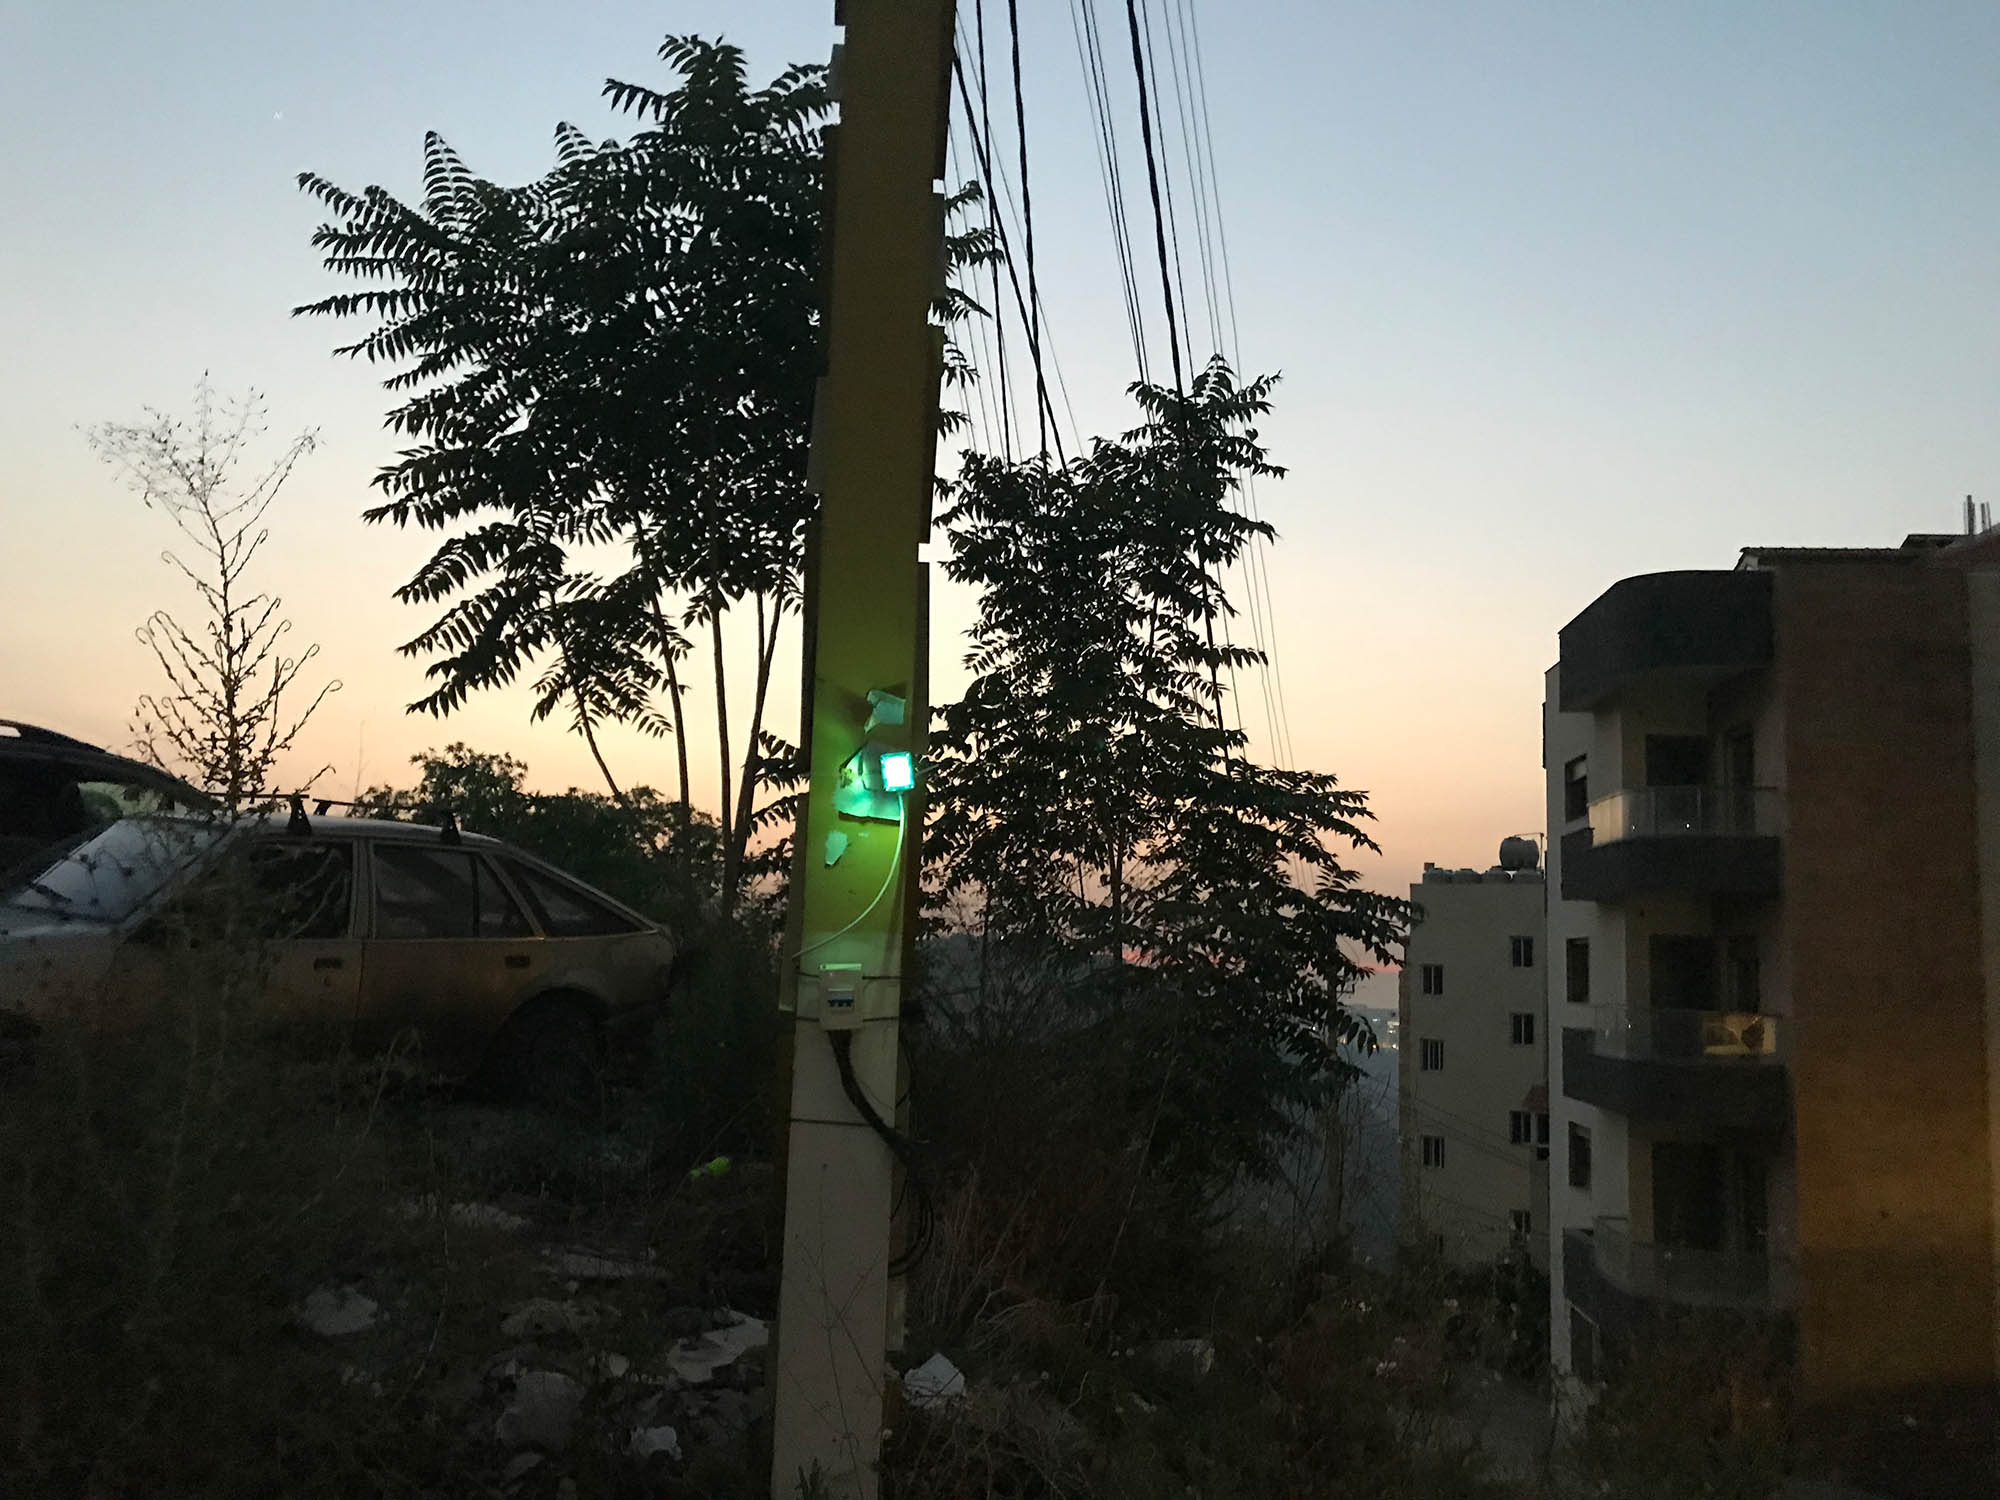 Столб с индикатором около нашего дома. Горит зеленая лампочка, значит, сейчас электричество от генератора частной компании